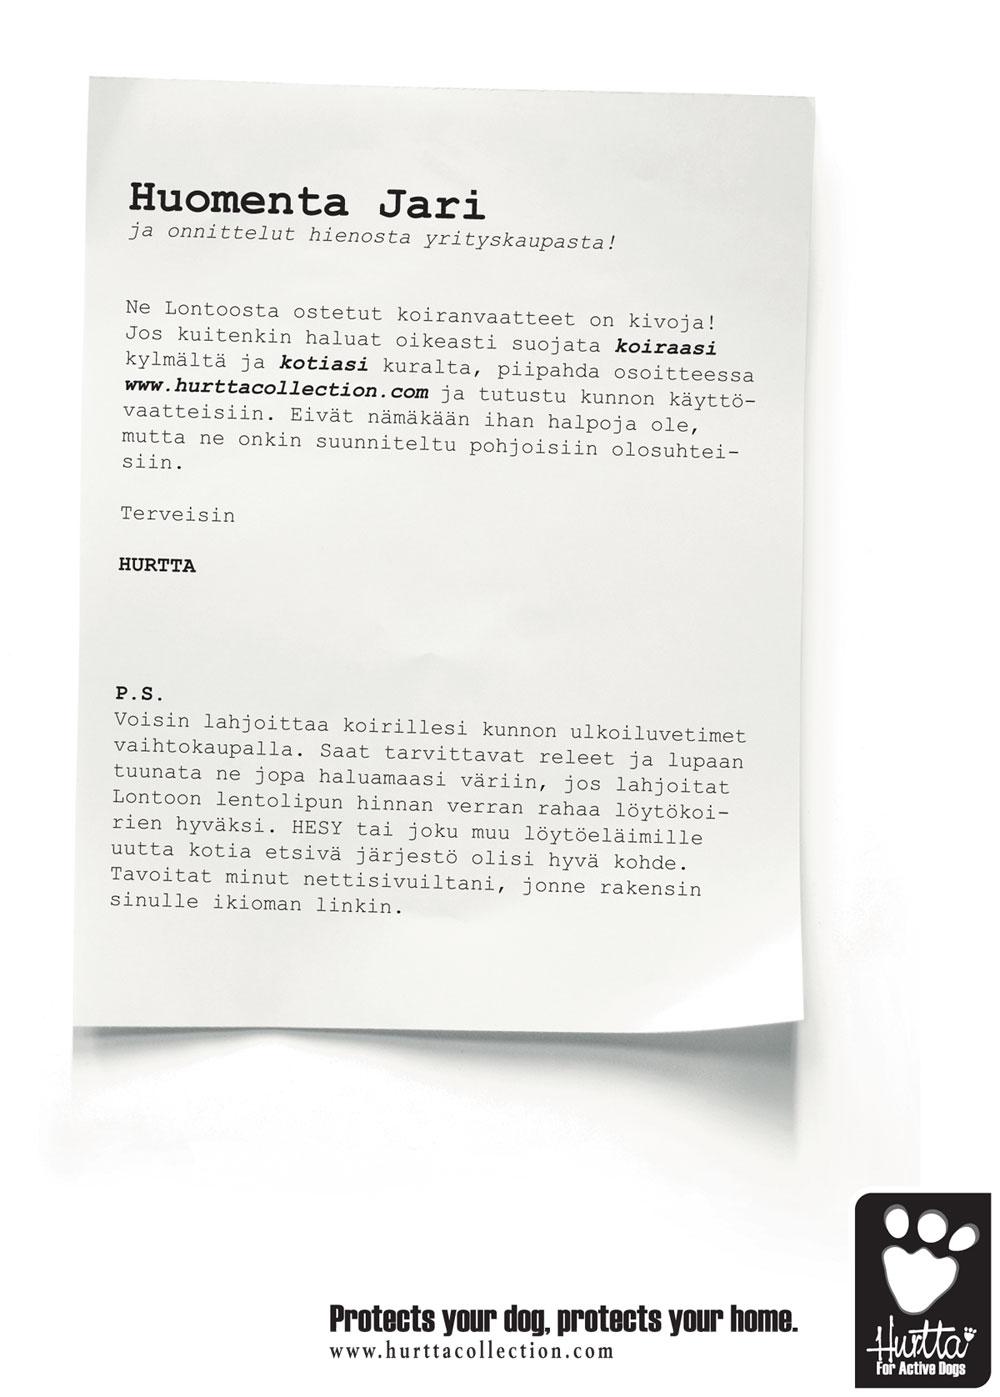 Hurtta Collection hyödyntää Sarasvuota